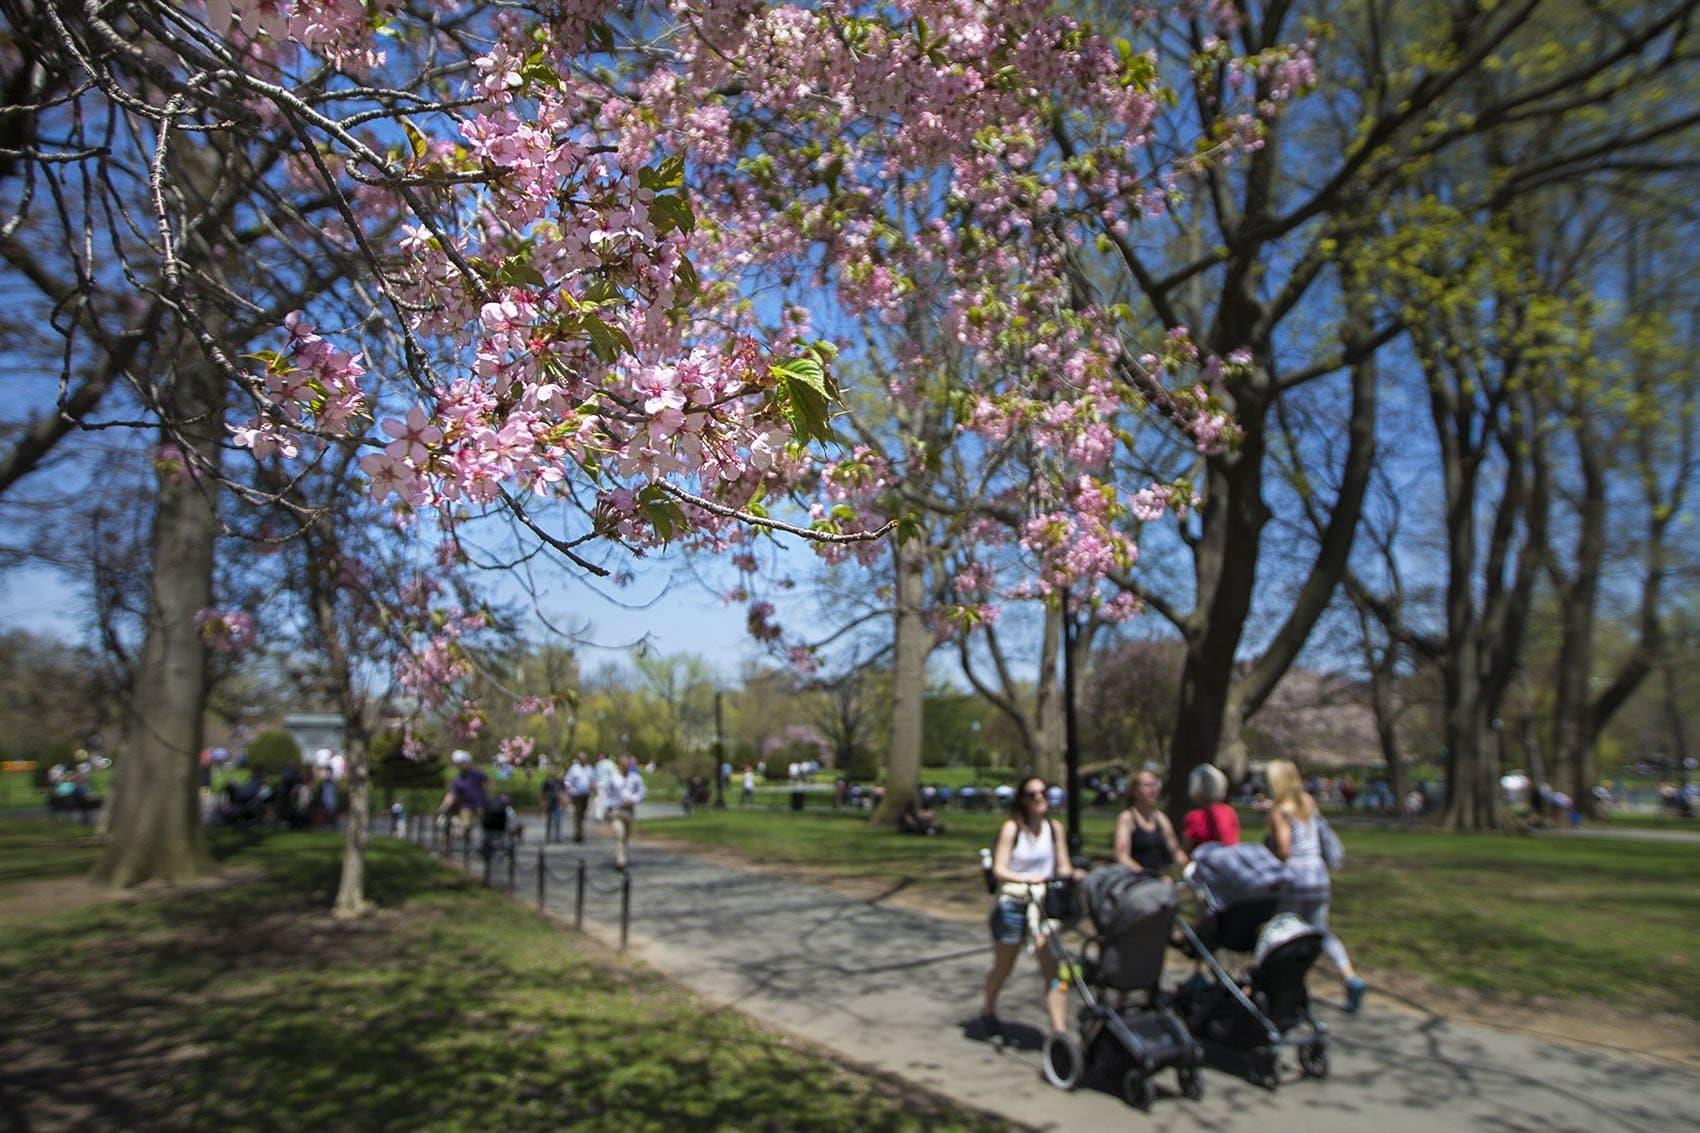 Trees were in bloom in the Boston Public Garden on Wednesday. (Jesse Costa/WBUR)